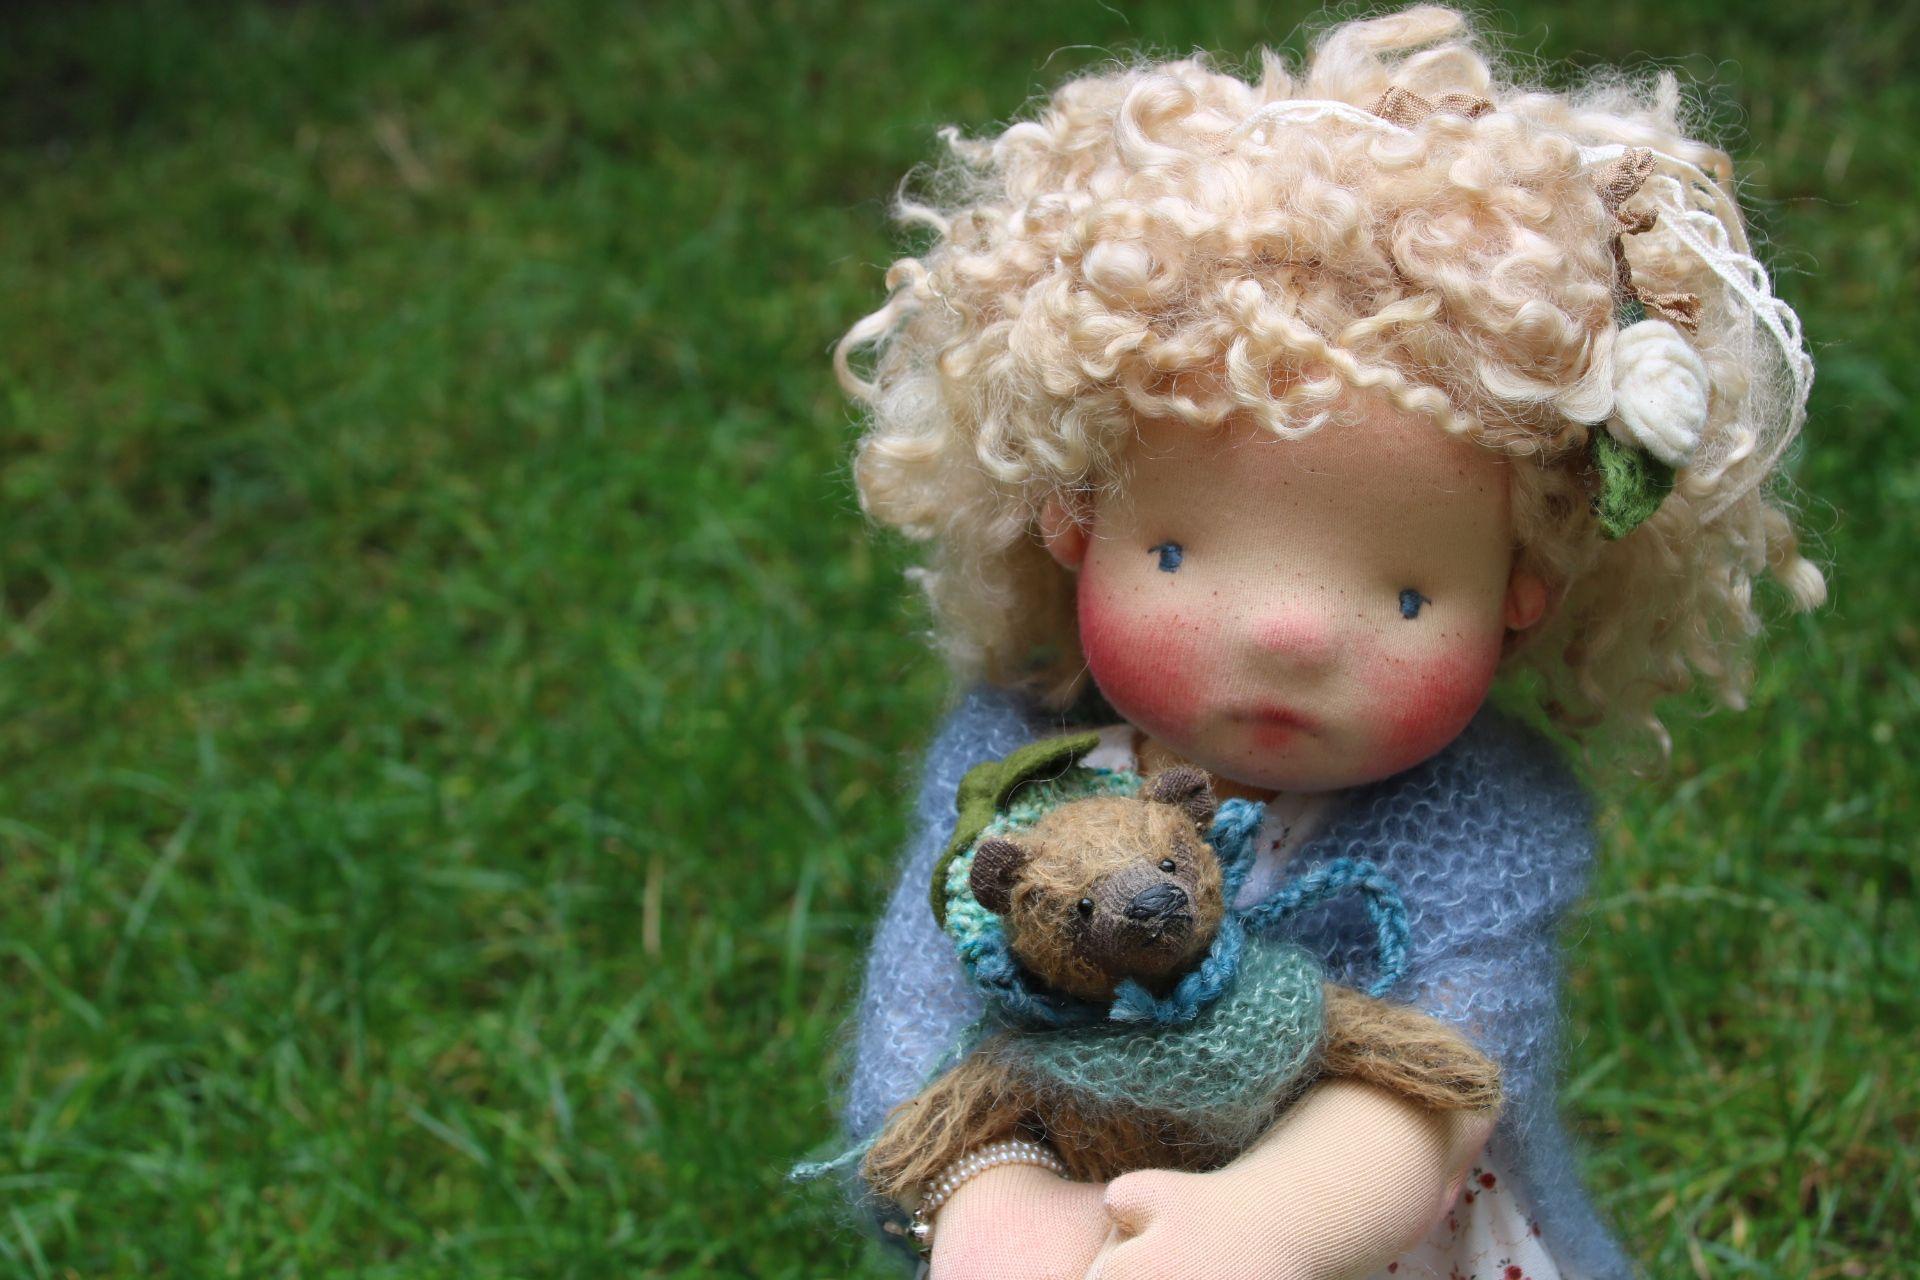 ooak doll, designed an hanmade by Atelier Lavendel